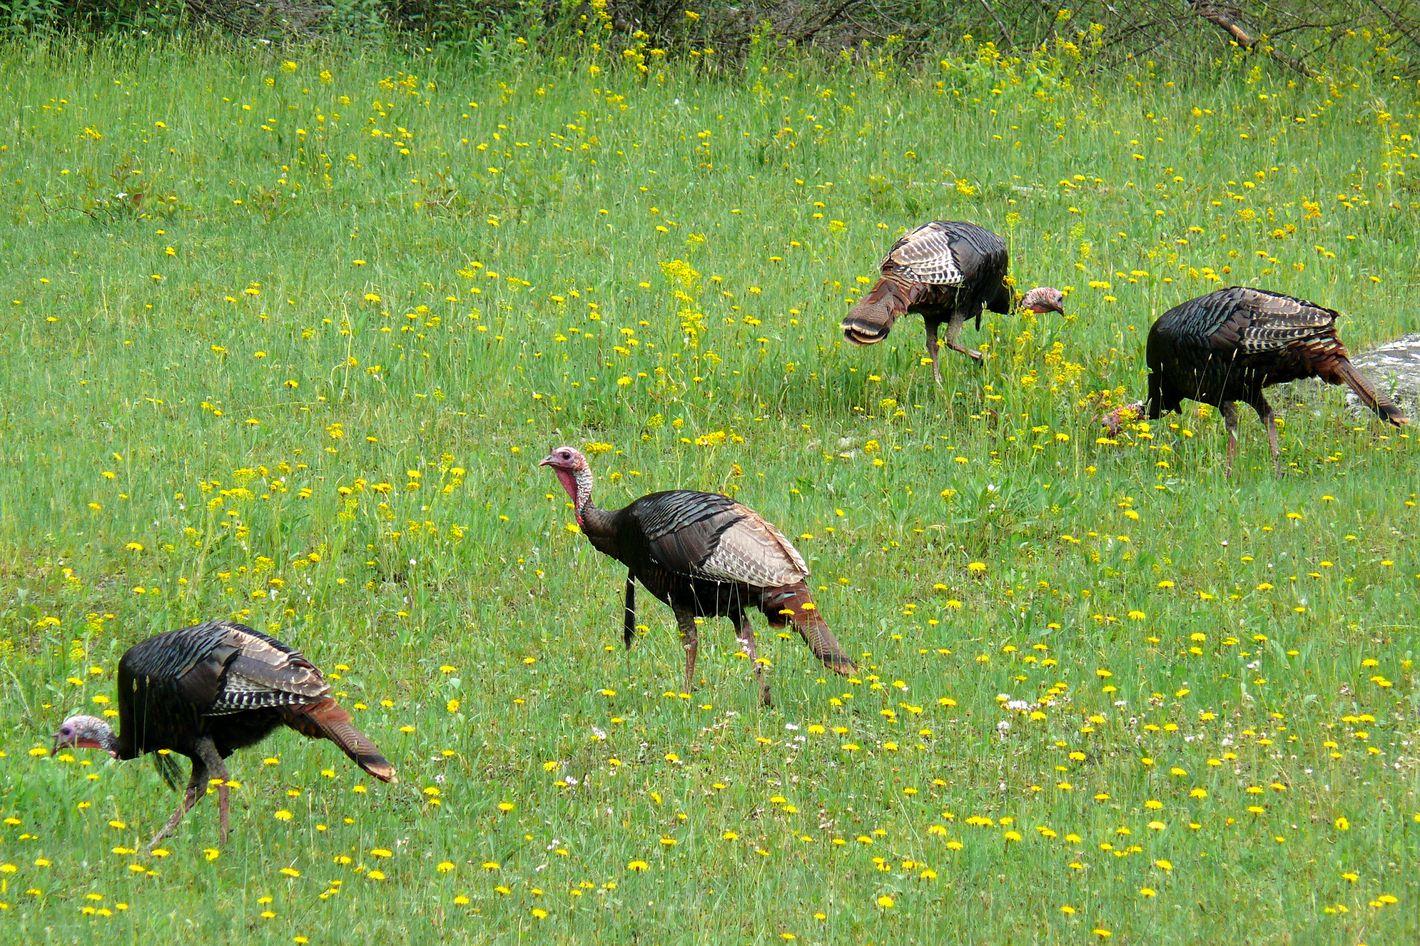 Wild-turkey surprise.